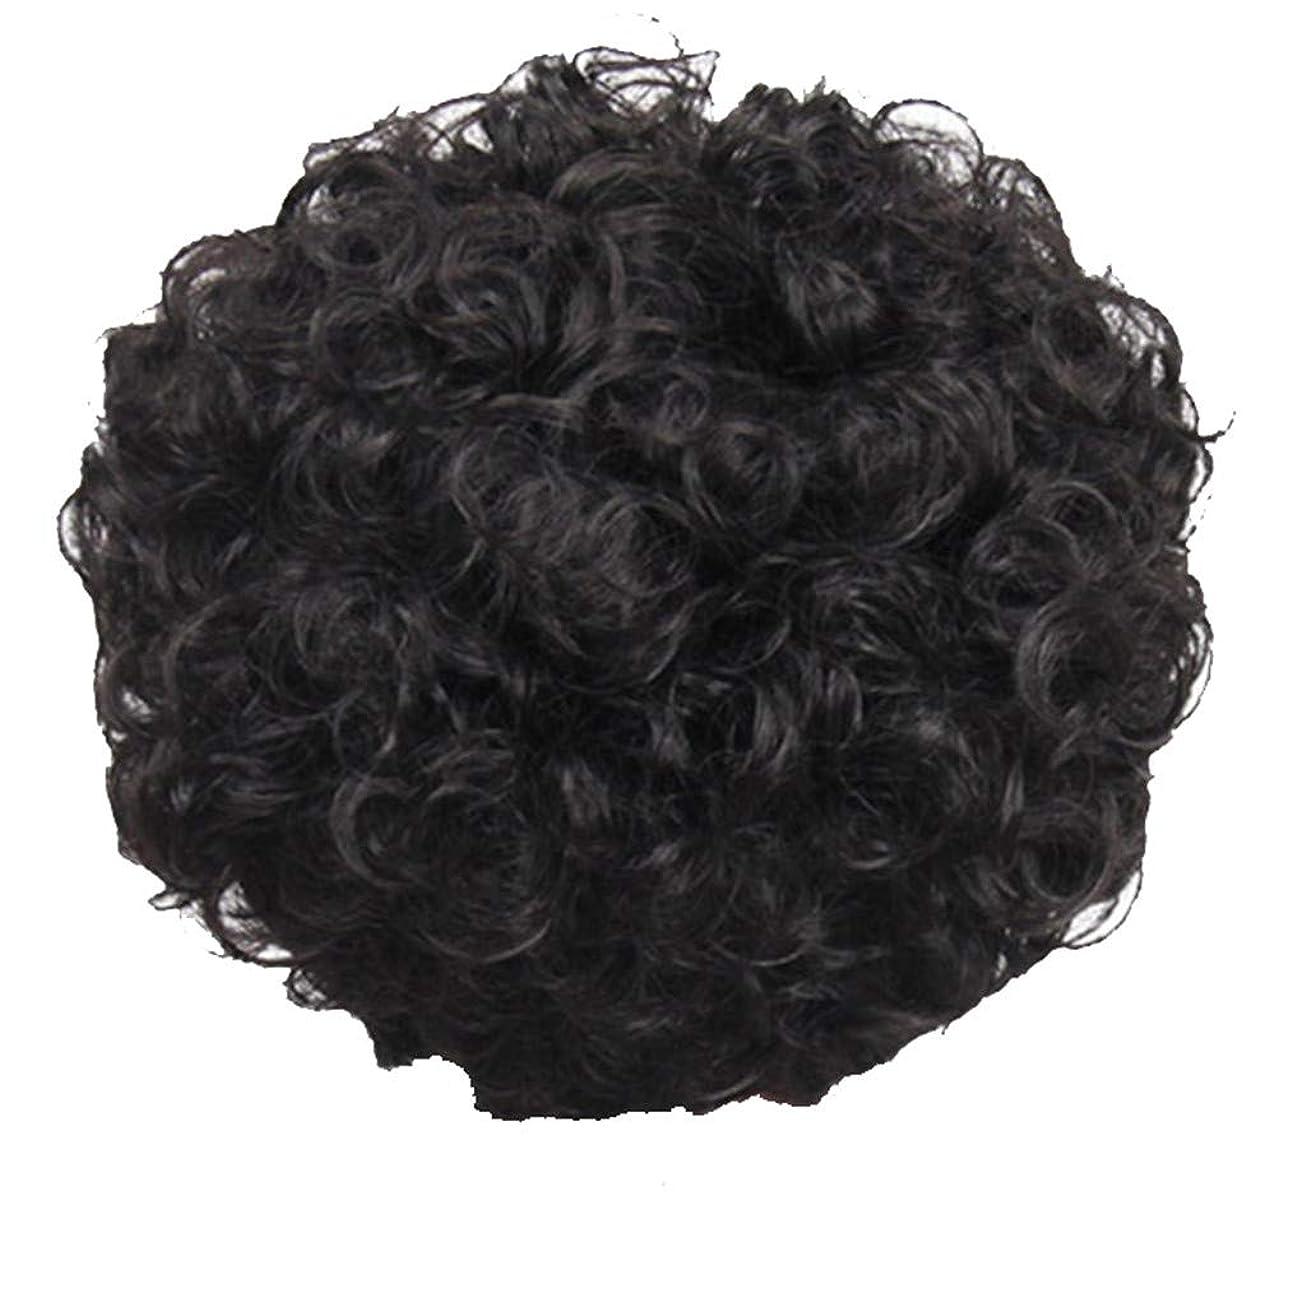 評論家つぶすしみかつら、女性、短い髪、巻き毛、かつら、エルフカット、かつらキャップ、27cm